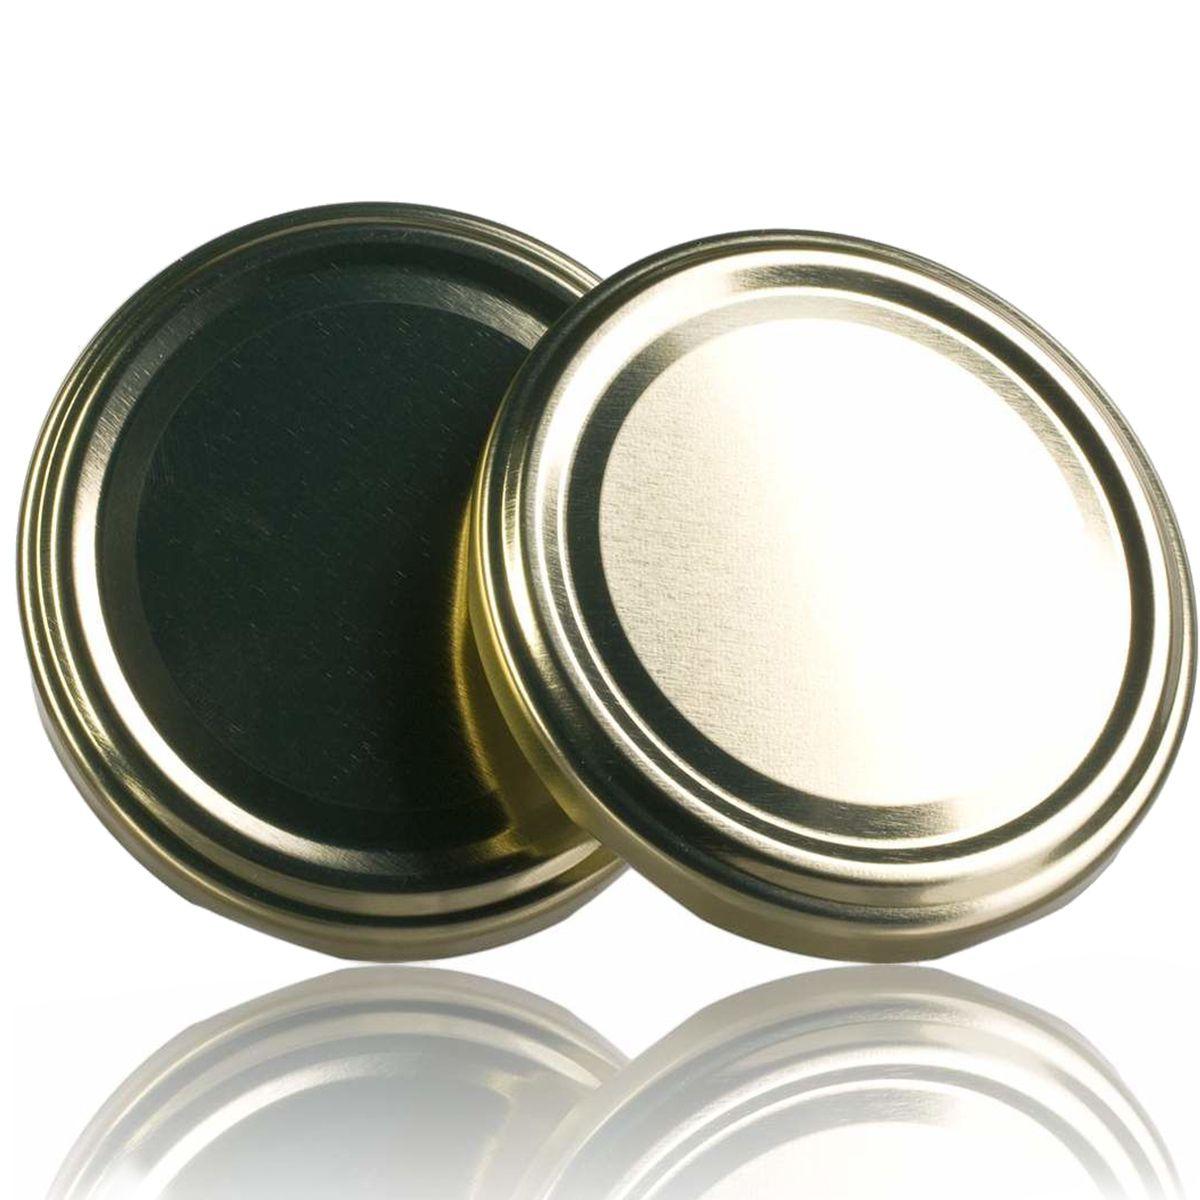 96 Potes De Vidro Conserva 268 Ml Com Tampa Dourado + Lacre  - EMPÓRIO PACK